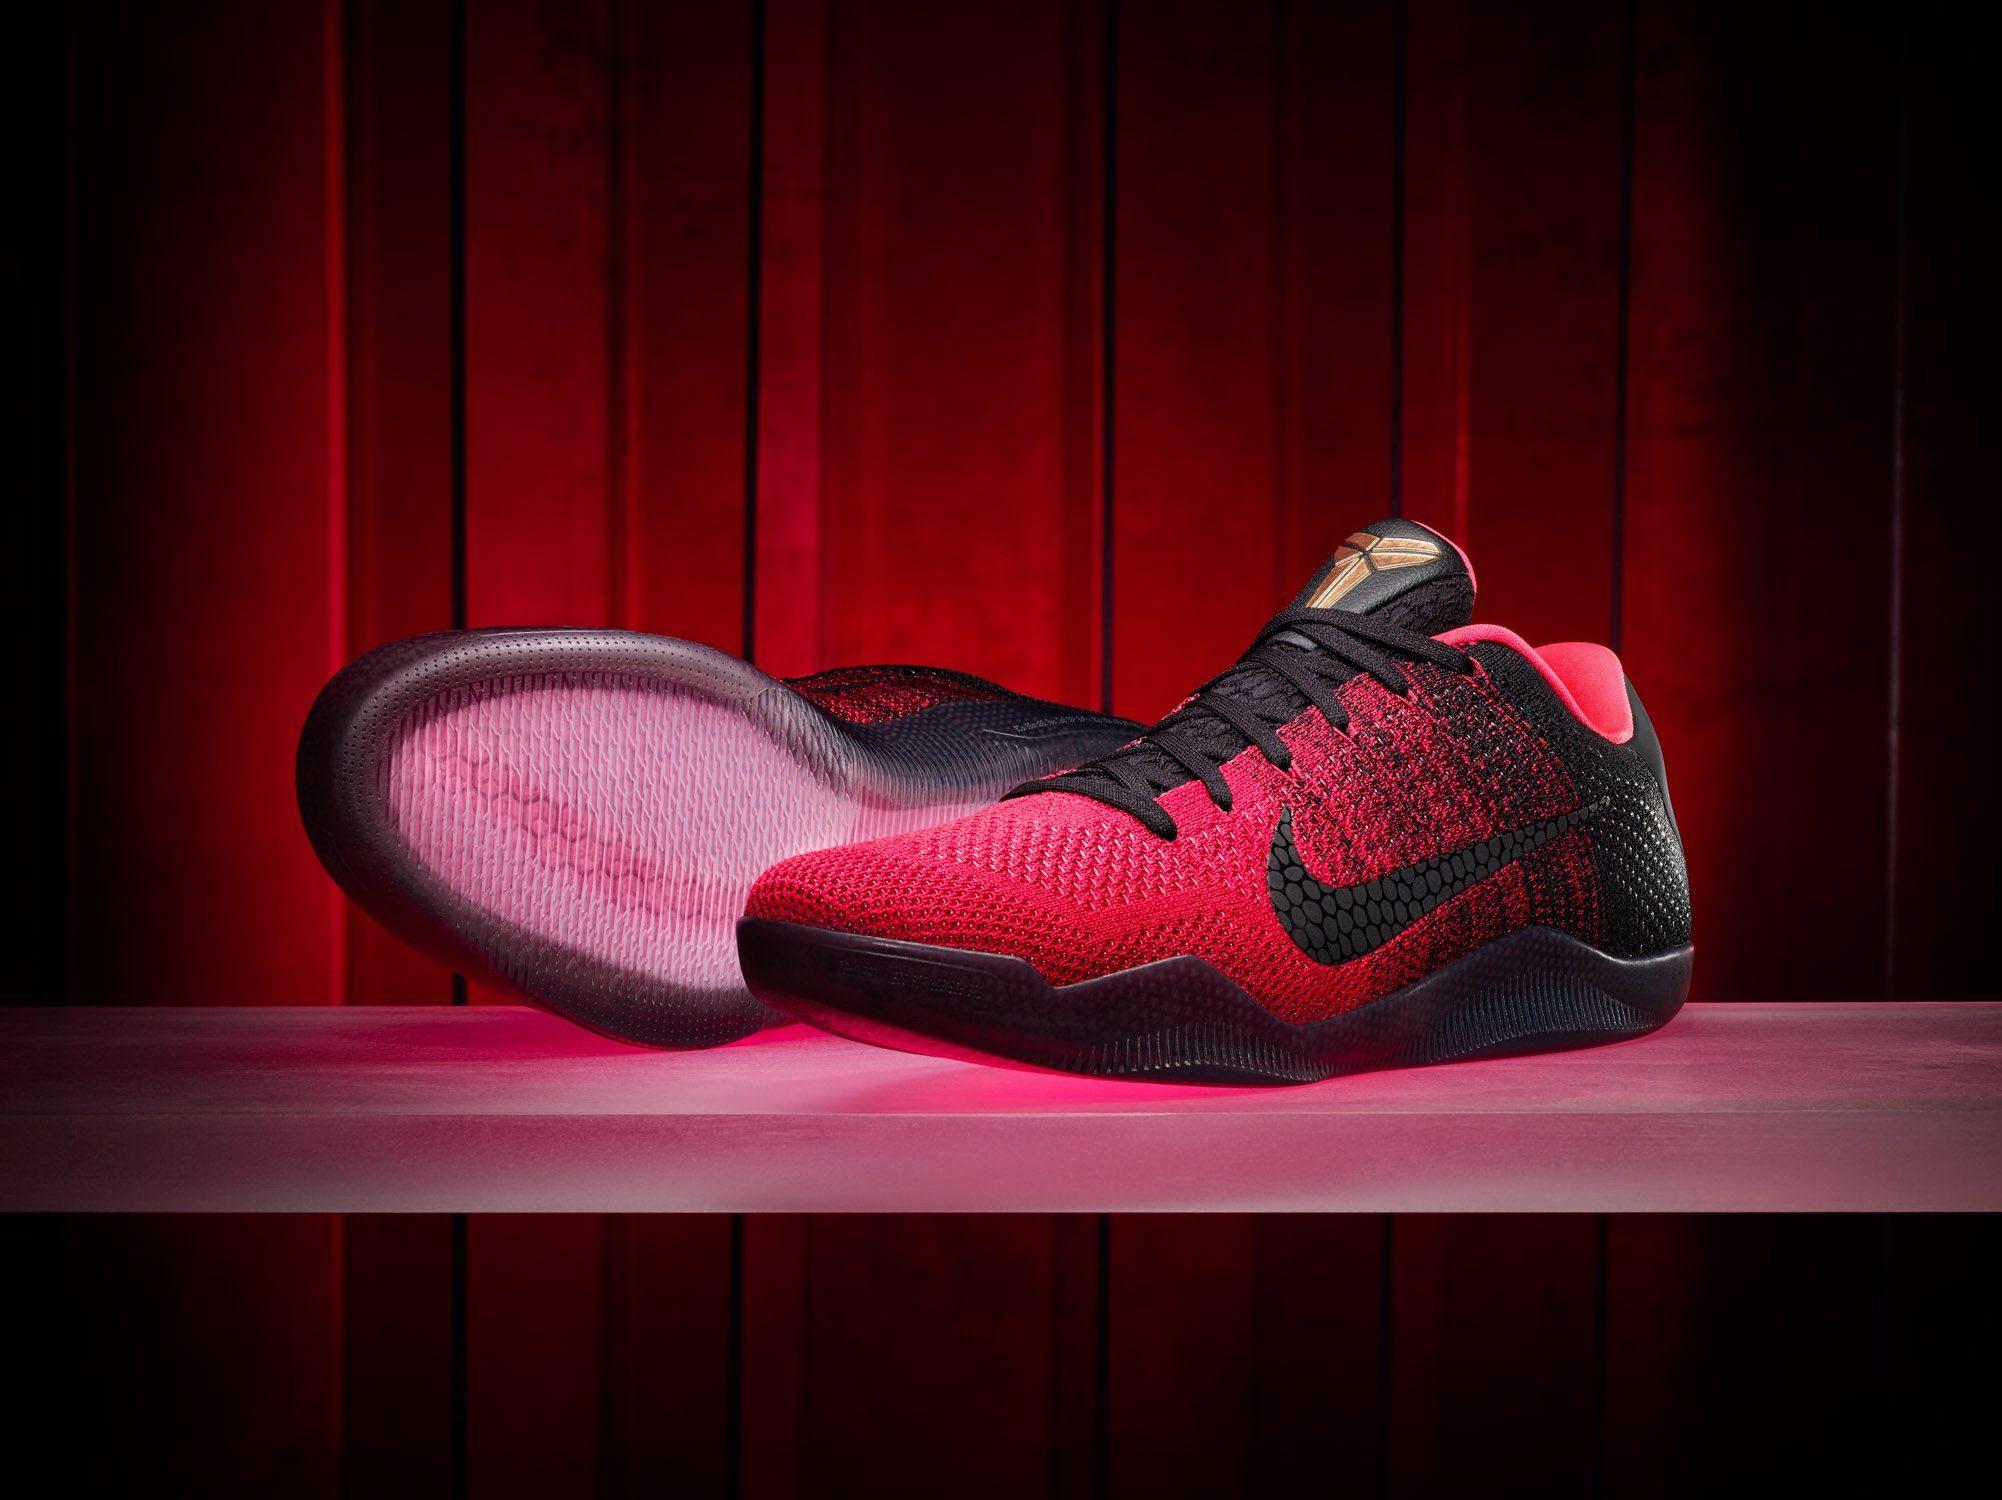 Nike KOBE 11 8